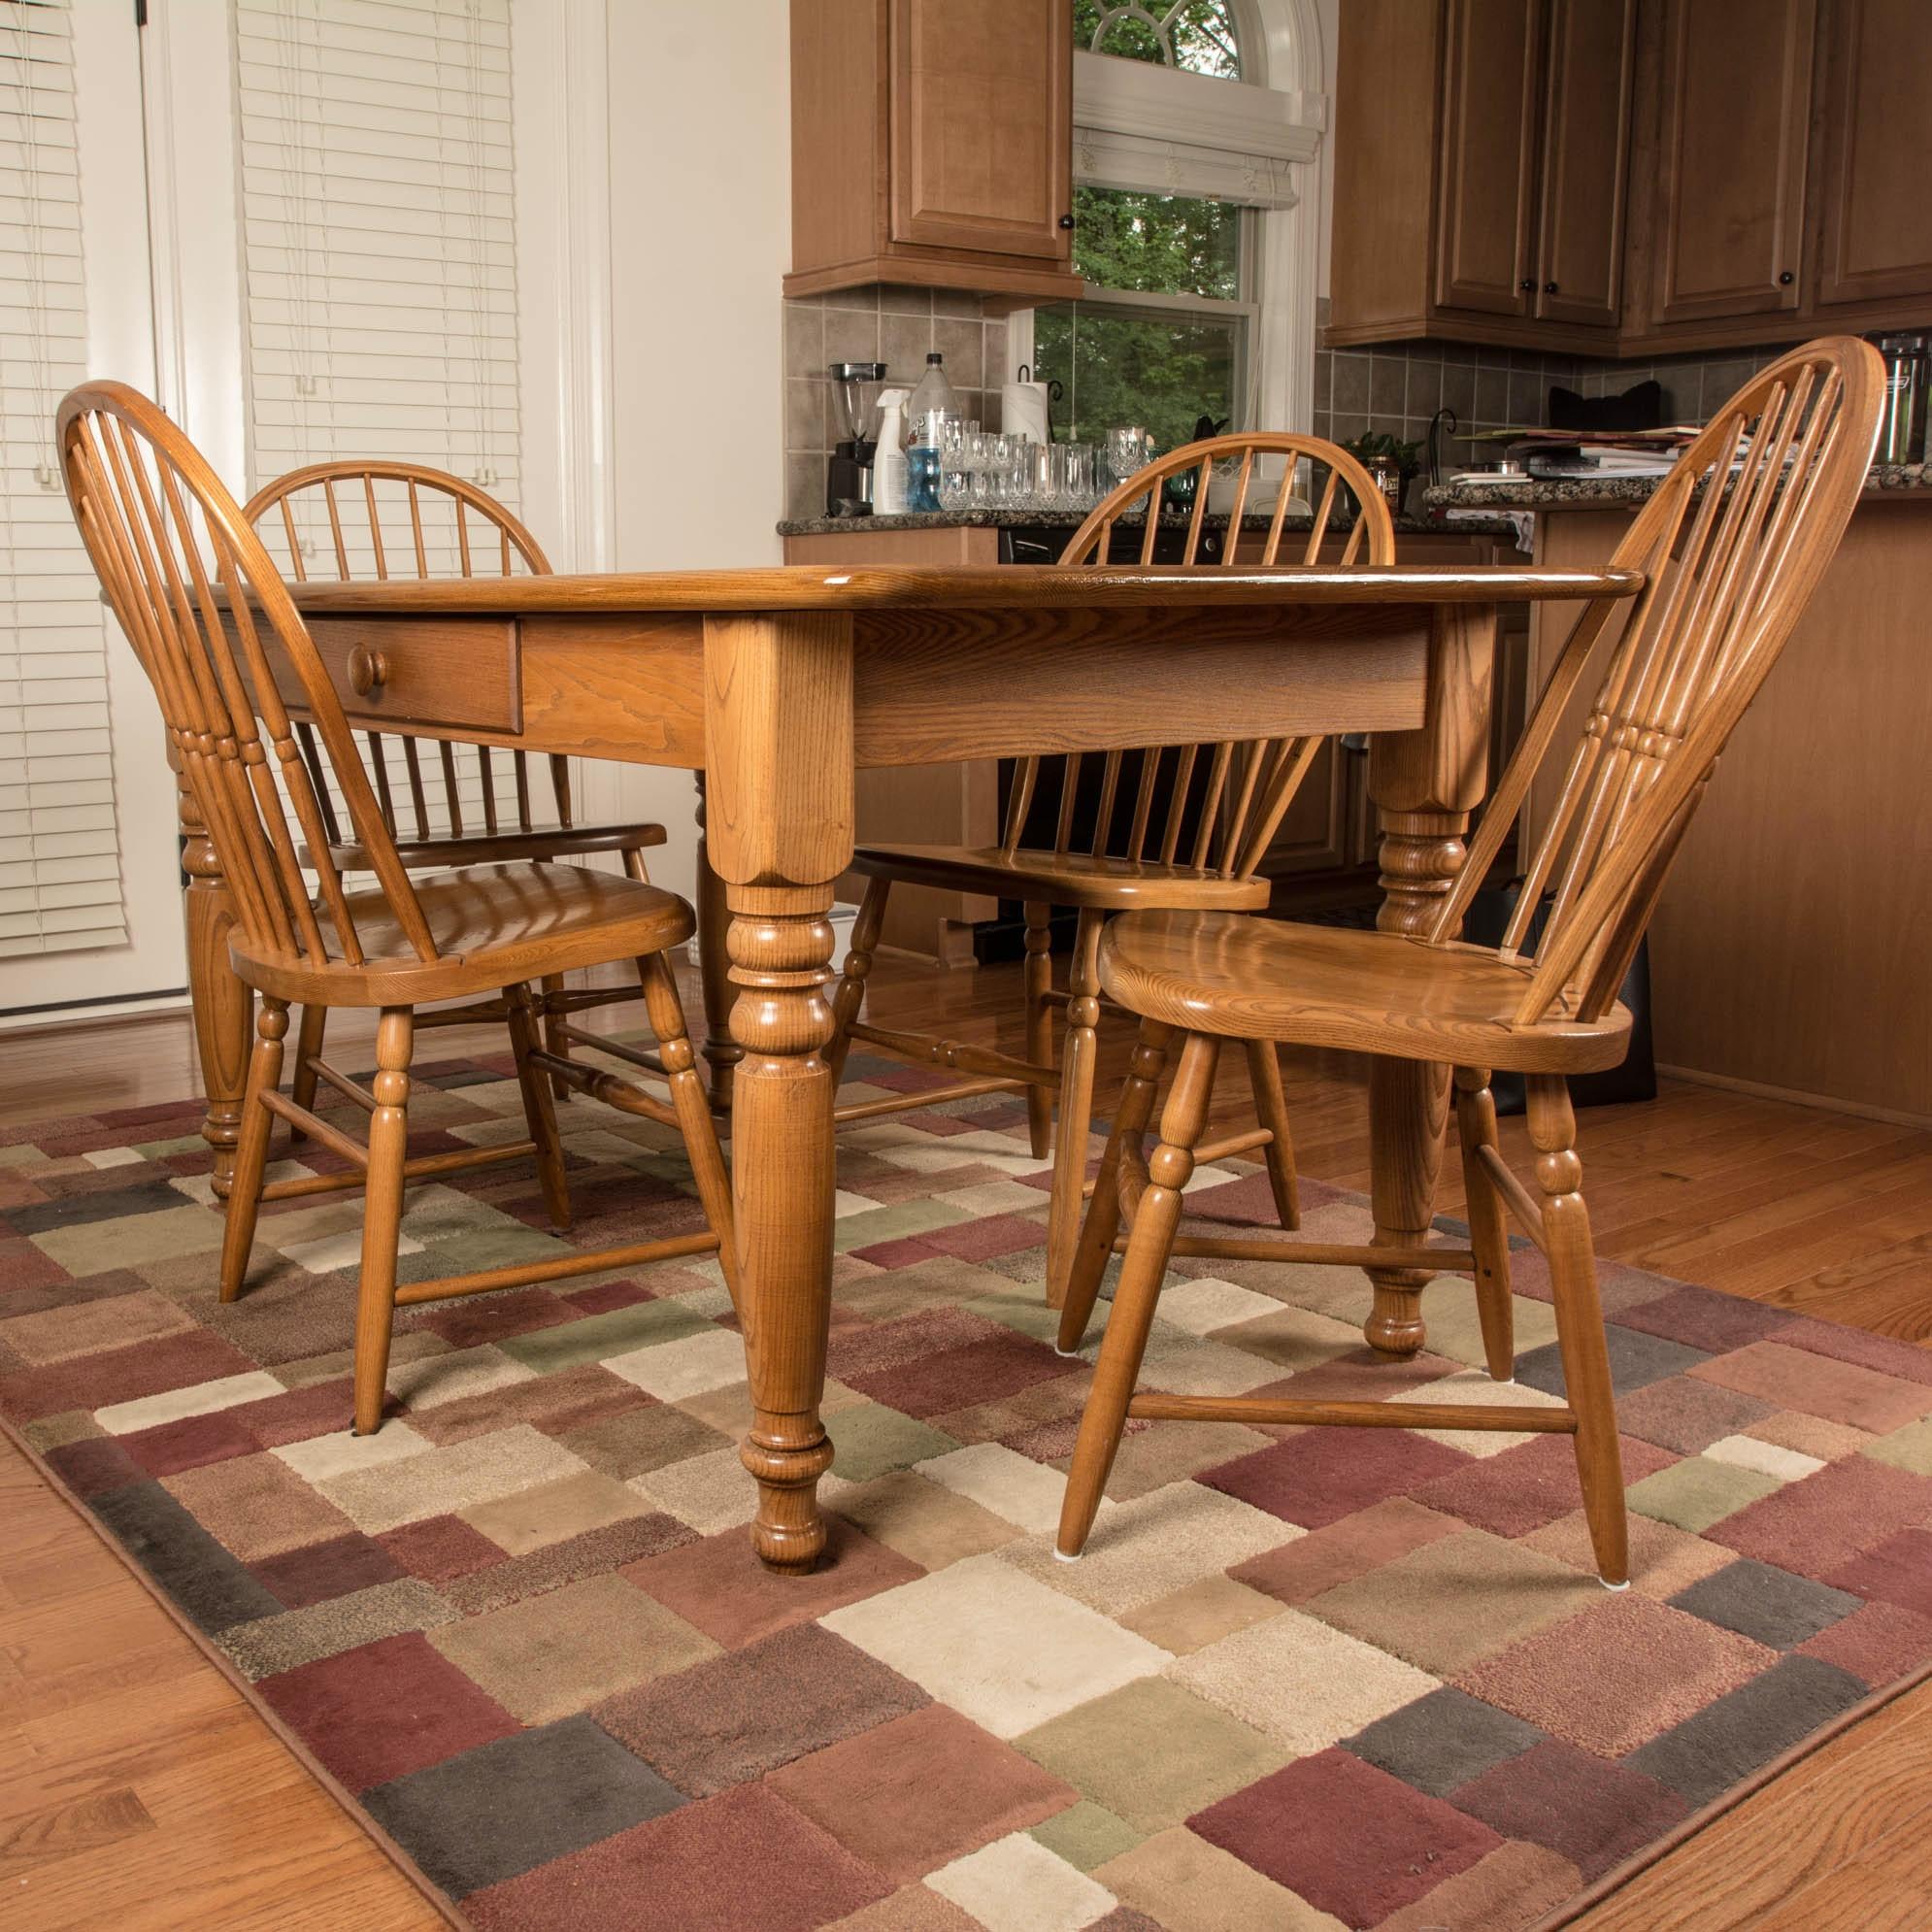 Farmhouse style dining room table